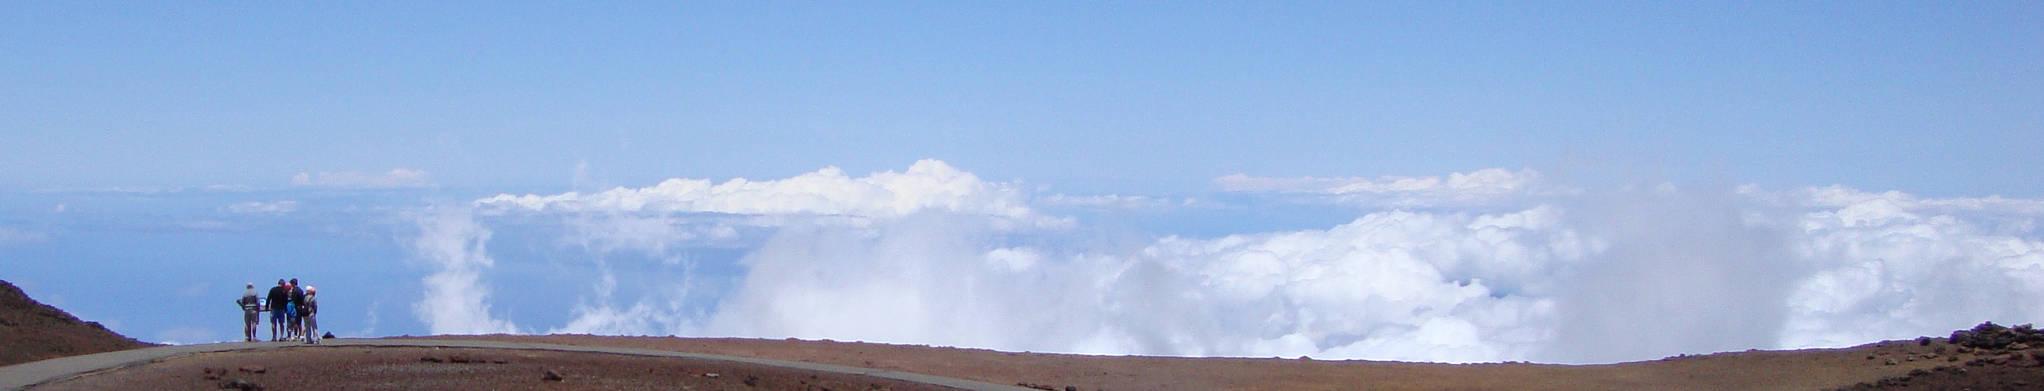 Mt. Haleakala - 2011